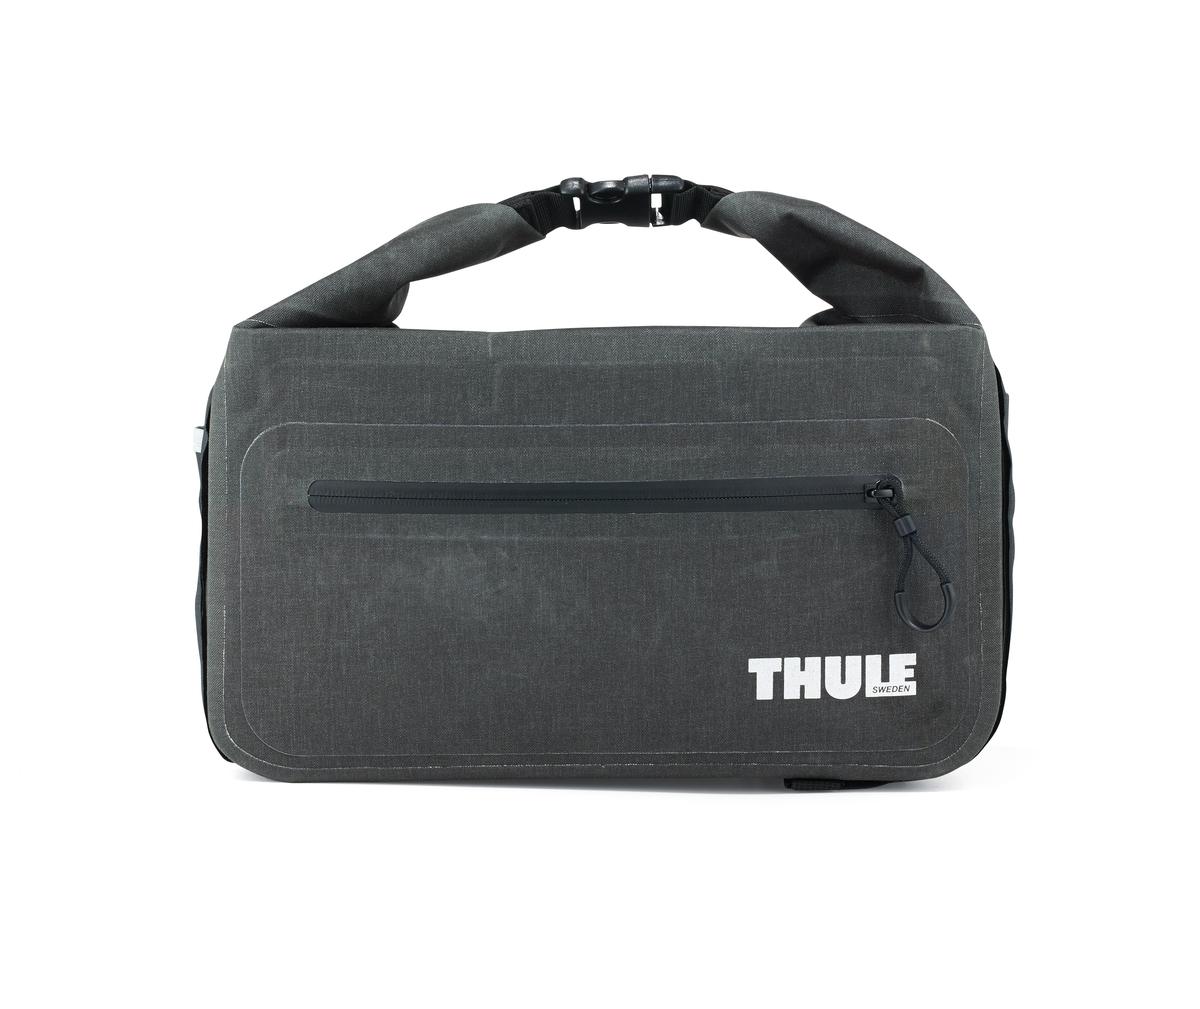 Сумка велосипедная Thule Pack n Pedal Trunk Bag, на багажник, цвет: серый, 11 л100055Этот удобный кофр обеспечивает водонепроницаемое пространство объемом 11 литров для хранения грузов и крепится к переднему или заднему багажнику велосипеда.Сворачивающаяся застежка и герметичные швы обеспечивают водонепроницаемость ваших вещей.Внешние прозрачные кармашки обеспечивают использование аварийного фонаря и хранение его в одном удобном месте.Сворачивающаяся застежка может также служить удобной ручкой для переноски.Простые крепления в виде петель и крюков обеспечивают надежное крепление багажника и позволяют быстро установить или снять его.Идеально подходит для размещения между двумя велосипедными сумками Thule.Лучше всего подходит для багажников Thule, но может использоваться практически с любым велосипедным багажником.